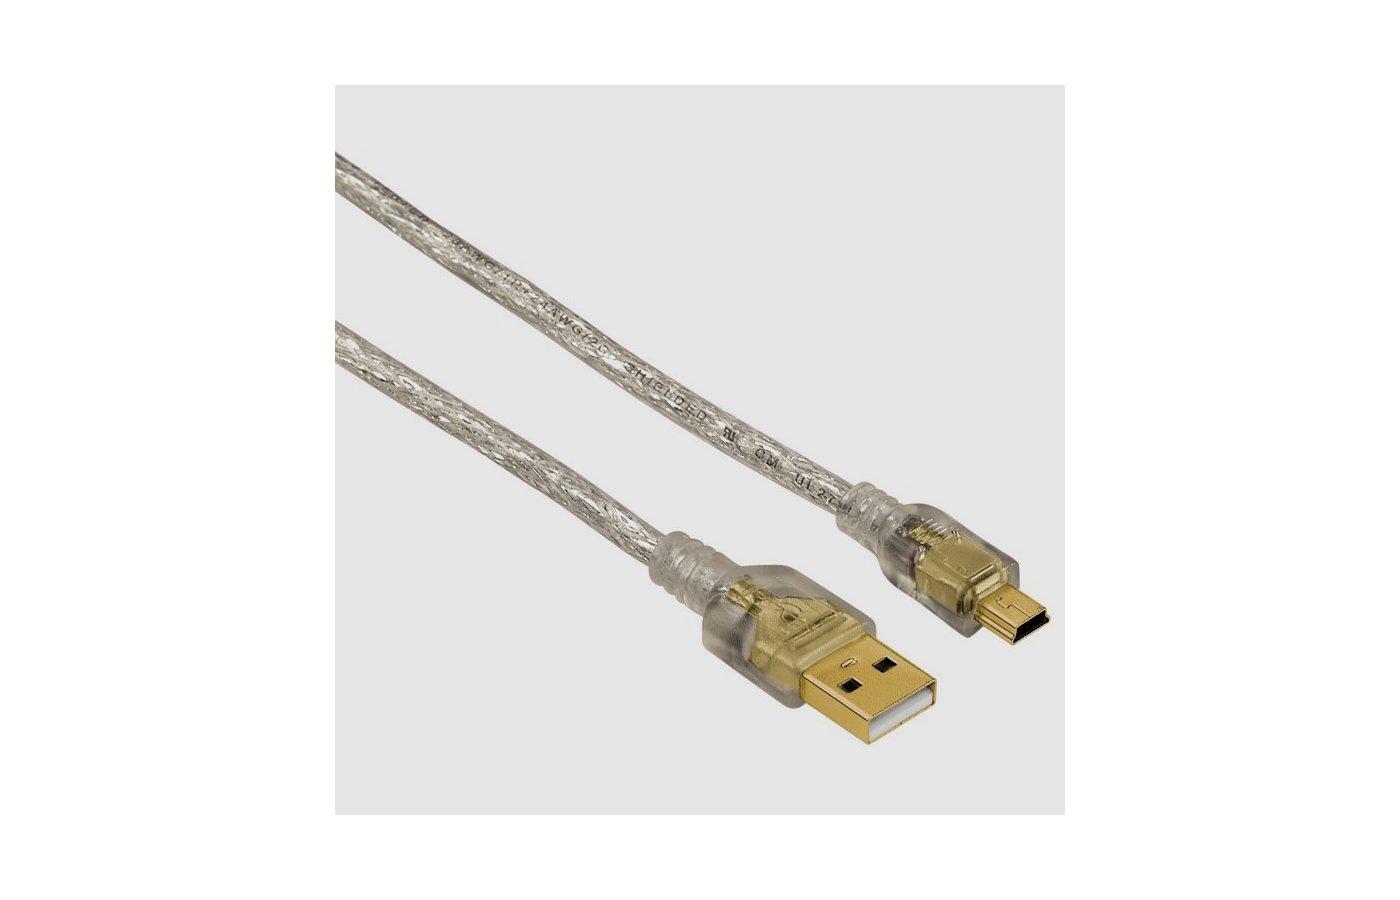 USB Кабель Hama H-41534 USB2.0 A(m) - miniUSB B (m) 3м 3зв прозрачный